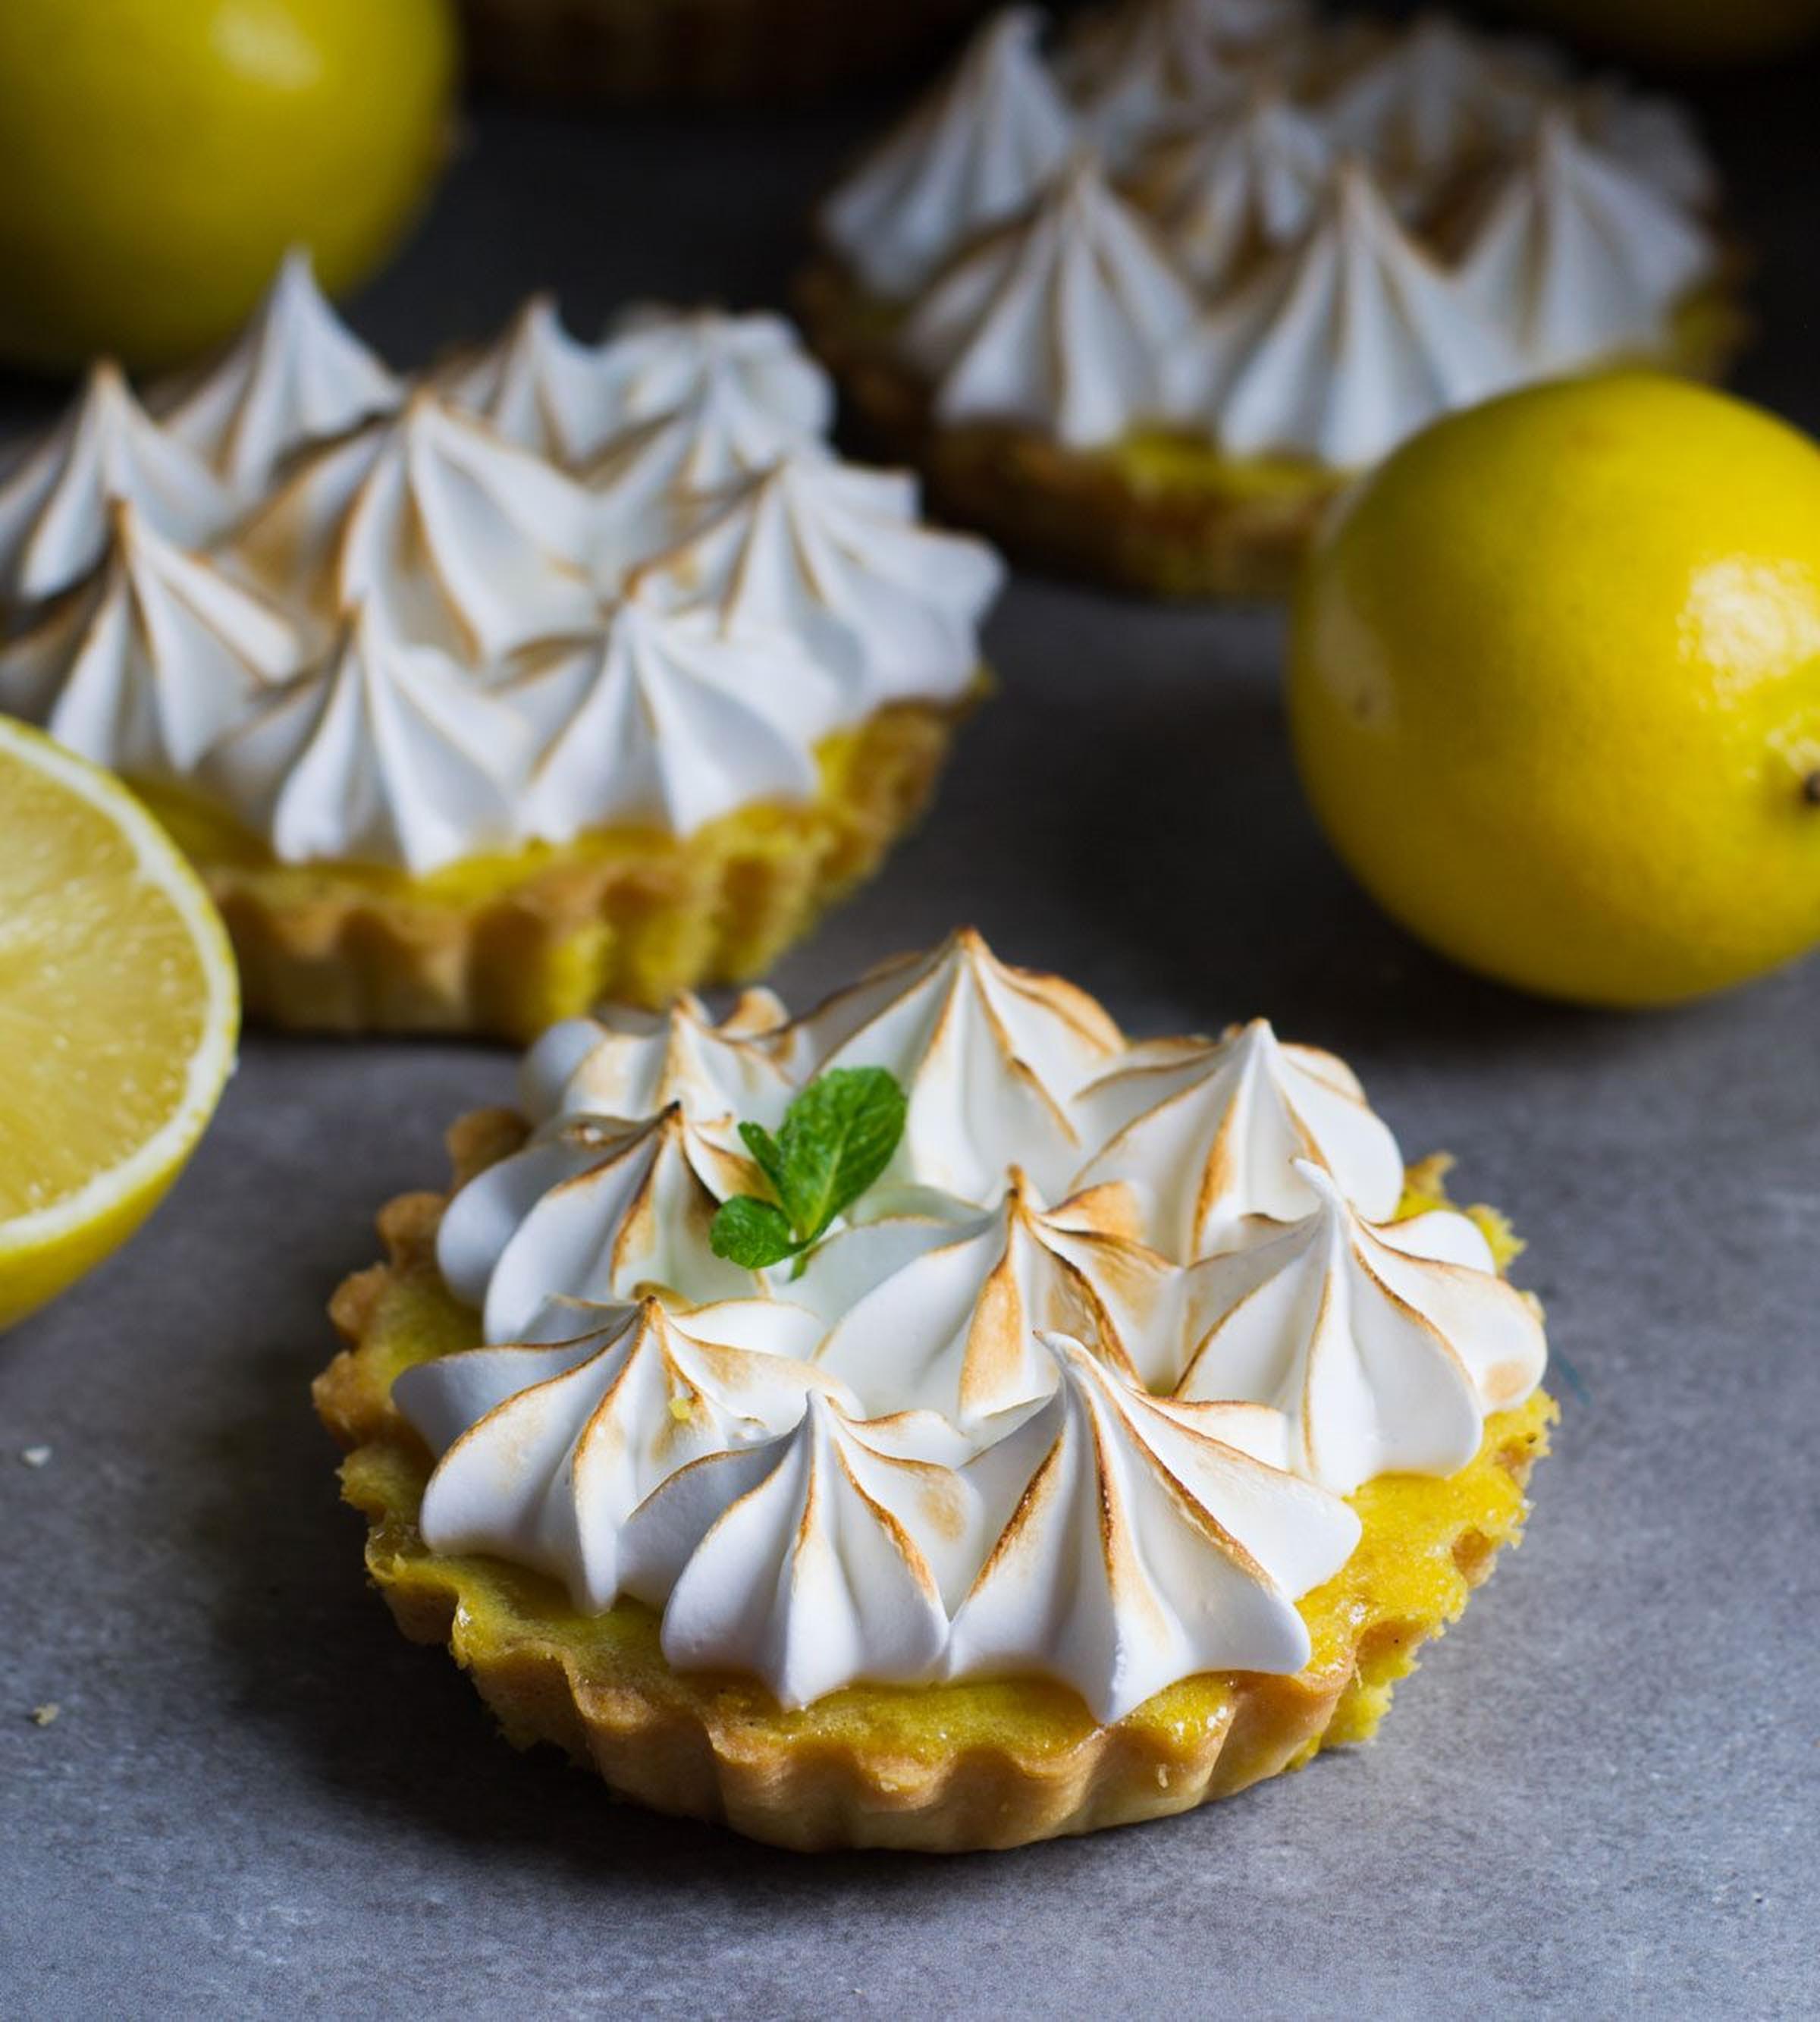 Mannerströms citronpaj med italiensk maräng